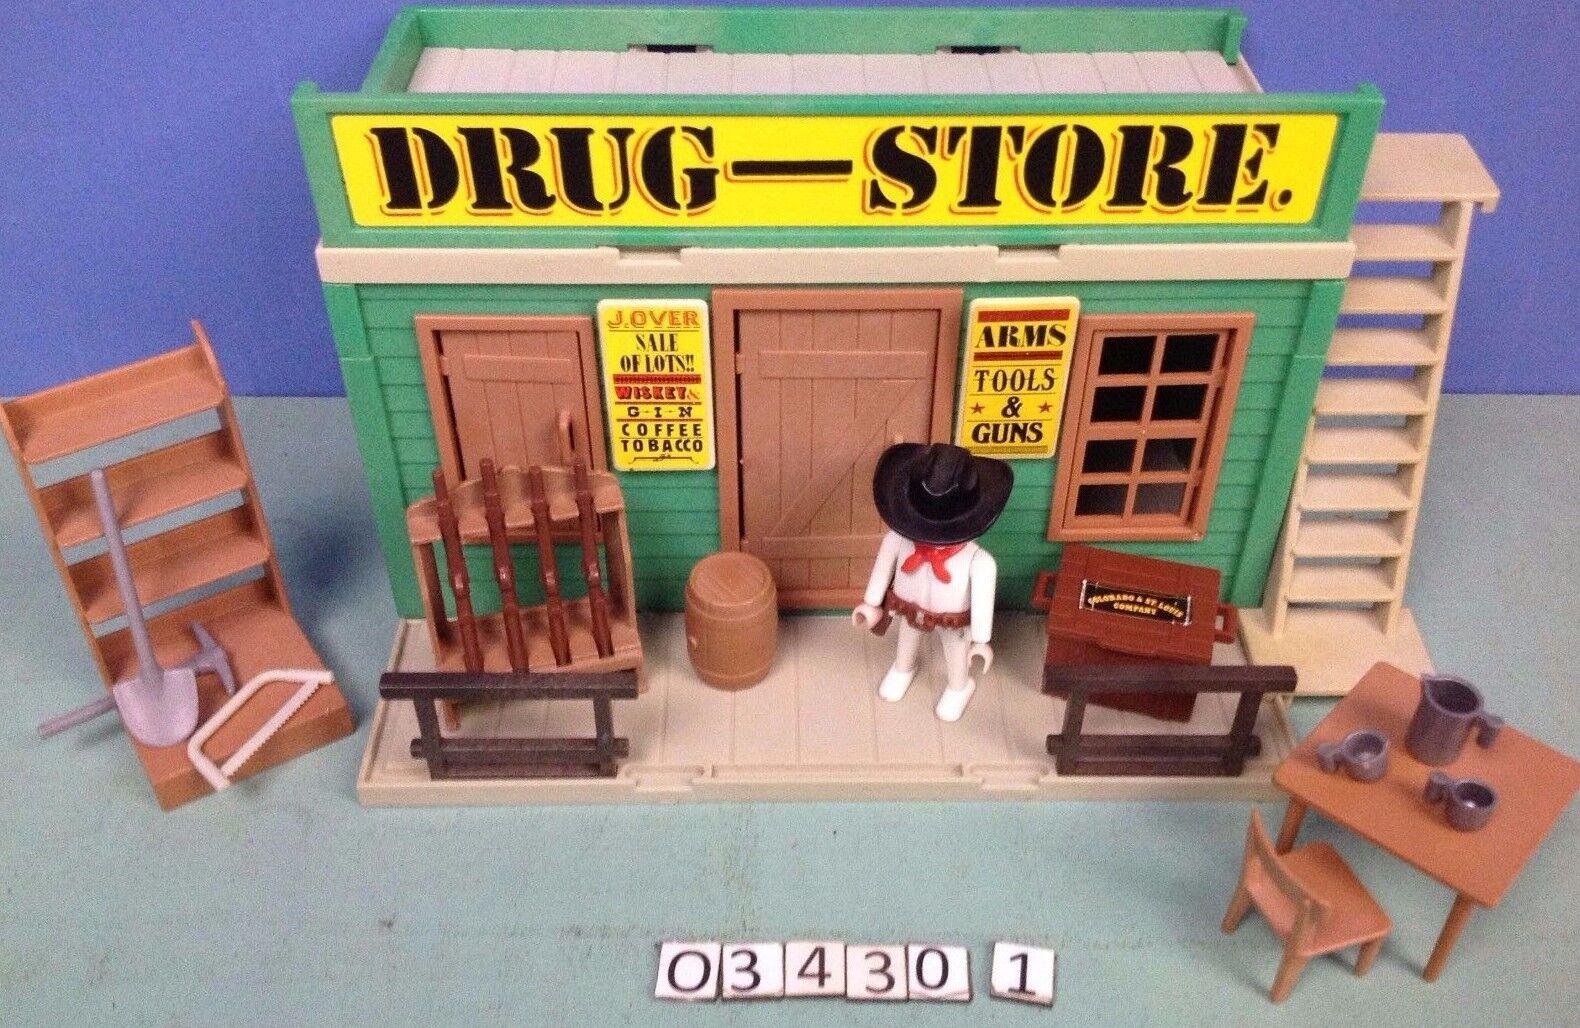 (O3462.1) playmobil maison western Drug Store ref 3462  3424  con il prezzo economico per ottenere la migliore marca